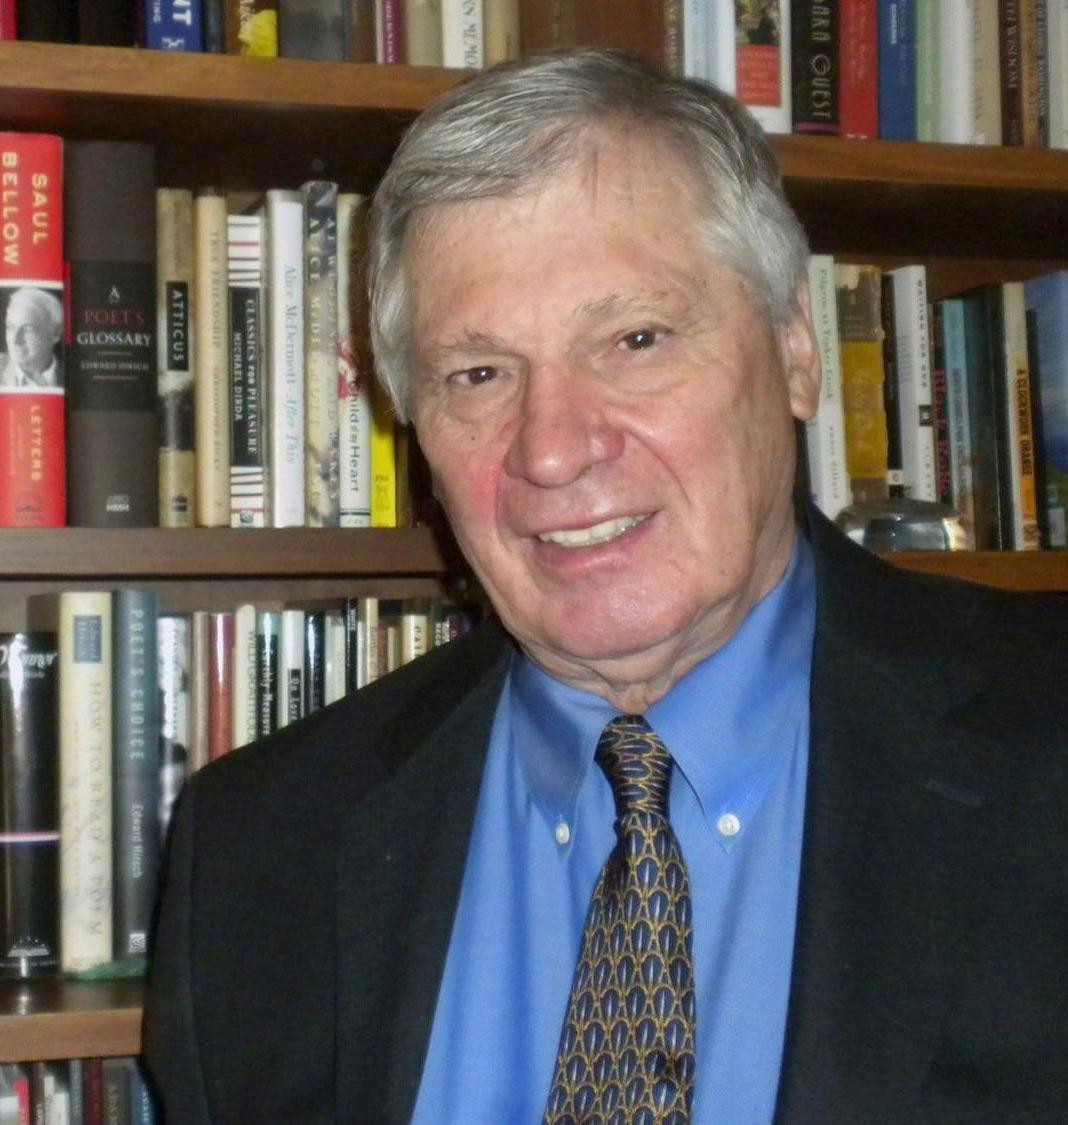 Paul Mariani, poet